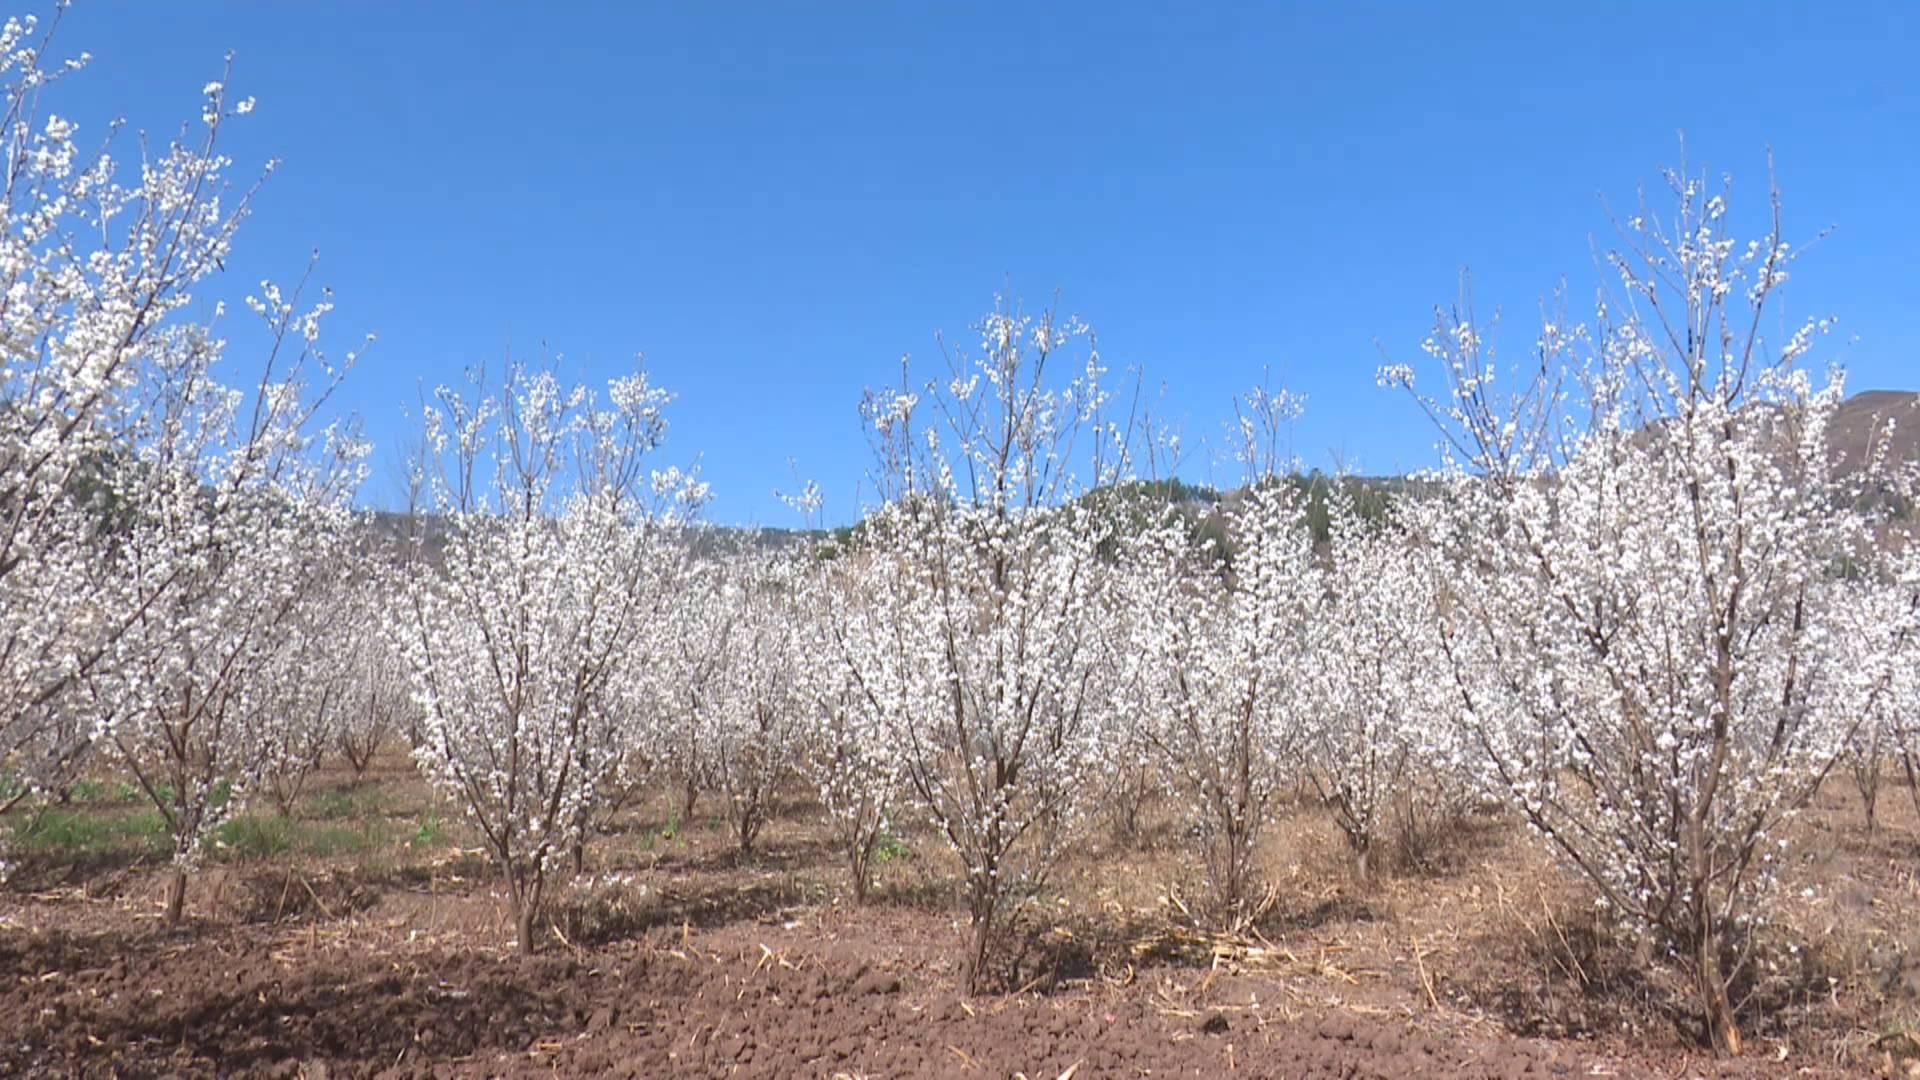 樱桃花儿朵朵开 致富产?#31561;?#30011;来